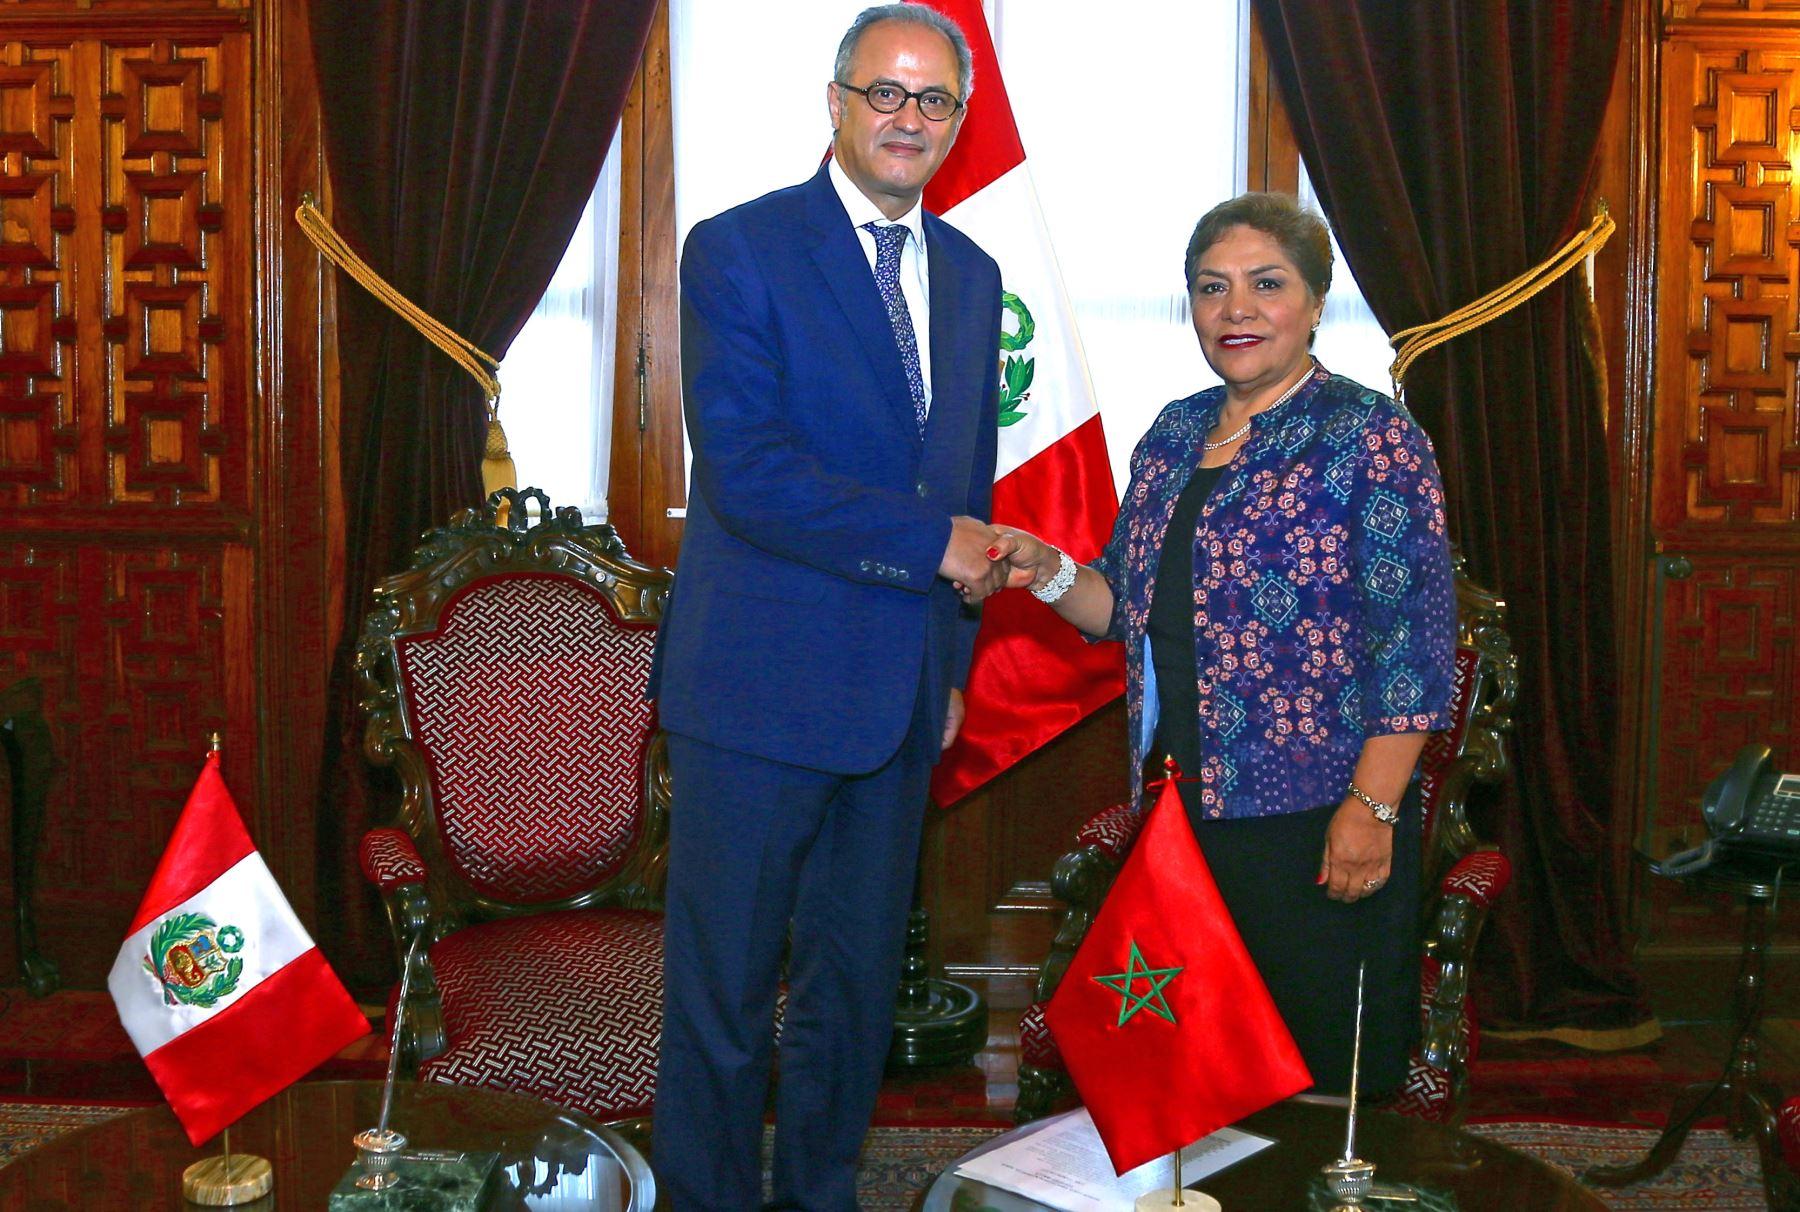 La presidenta del Congreso, Luz Salgado, recibió la visita del embajador de Marruecos en Perú, Youssef Balla.